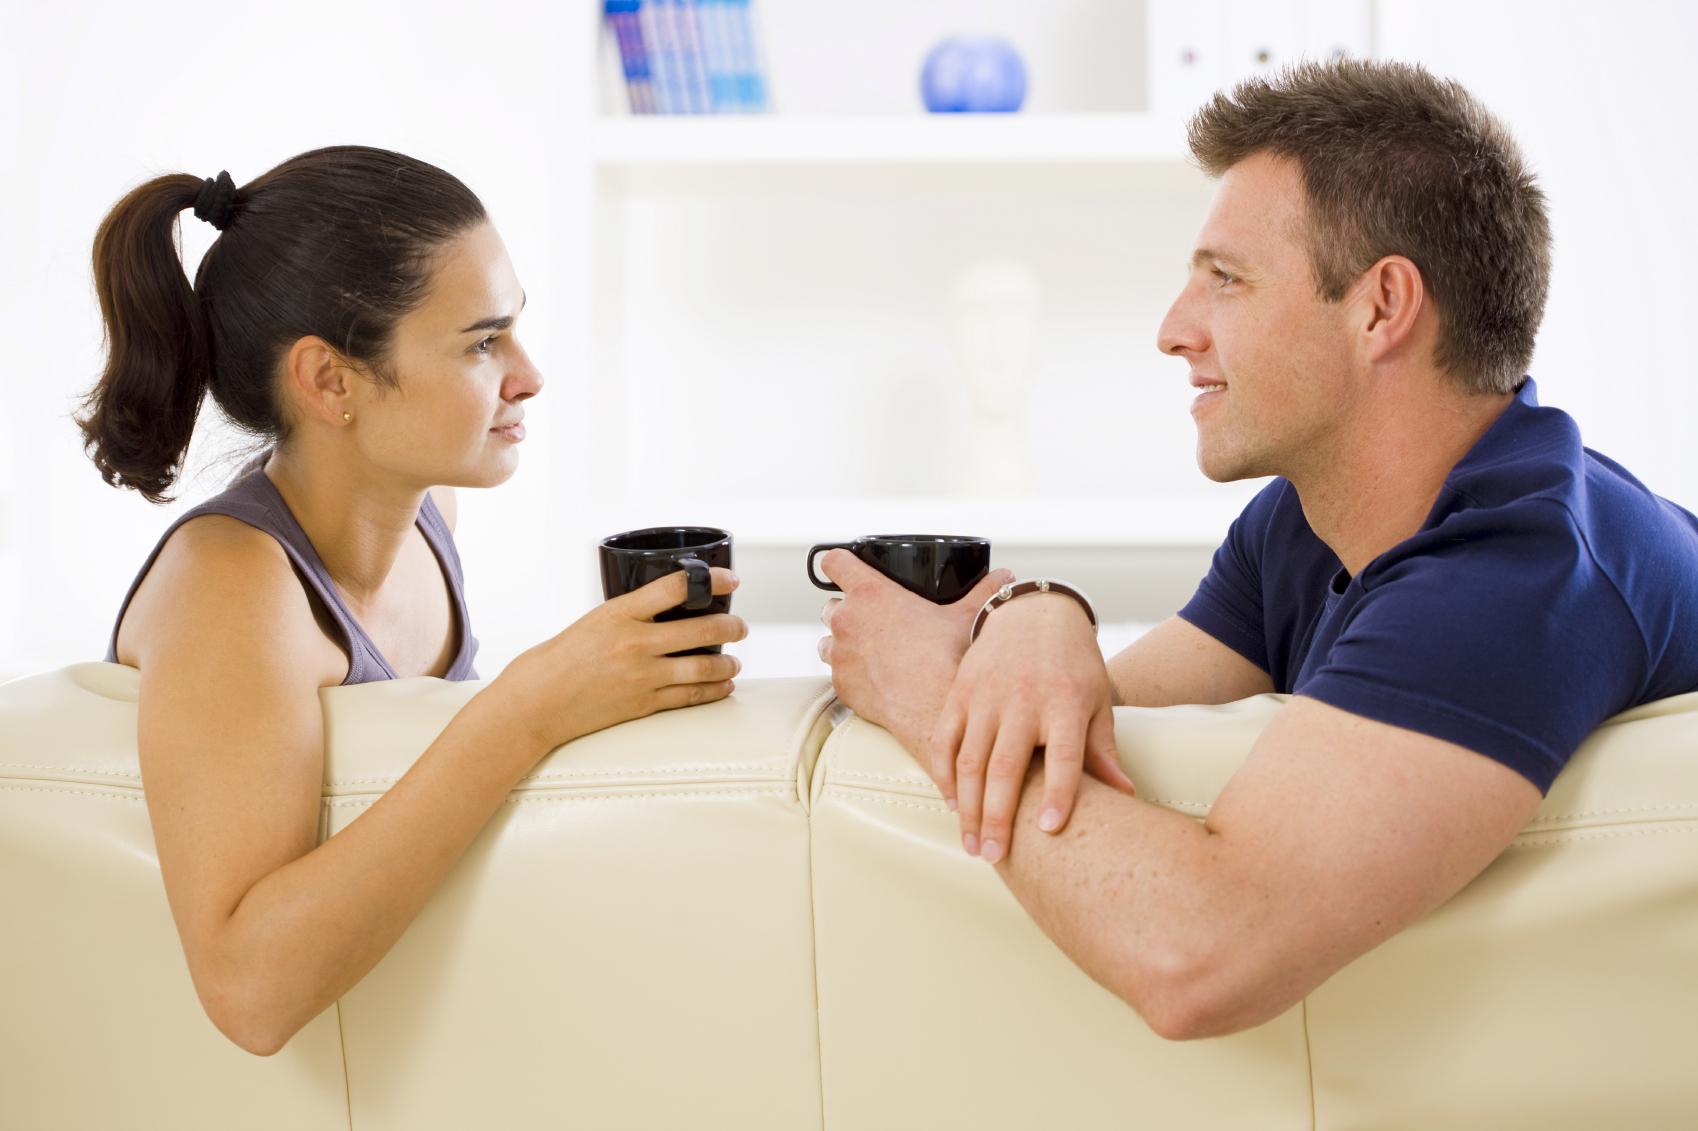 Взаимопонимание в отношениях